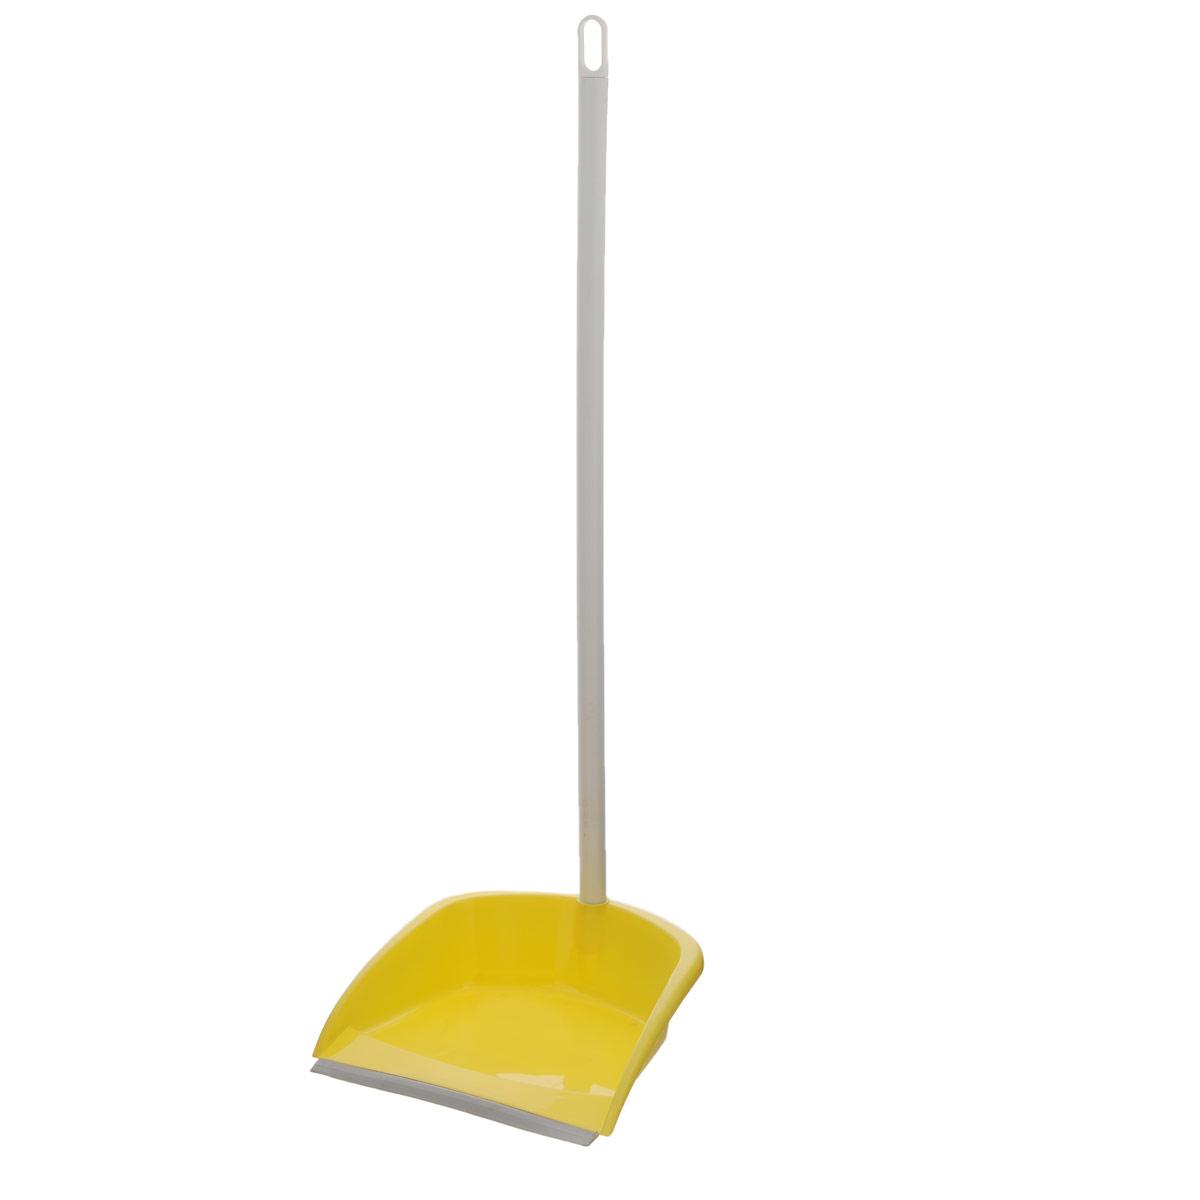 Совок с высокой ручкой Apex Alza Immondizia Basic, цвет: желтый10172-AСовок с высокой ручкой Apex Alza Immondizia Basic сделает уборку намного комфортнее и приятнее. Выполнен из высокопрочного пластика и оснащен резиновым краем, благодаря которому грязь и мусор легко сметаются. Высокая ручка обеспечивает дополнительное удобство. С помощью отверстия в ручке совок можно разместить в любом месте. Теперь ваша однообразная уборка станет праздником.